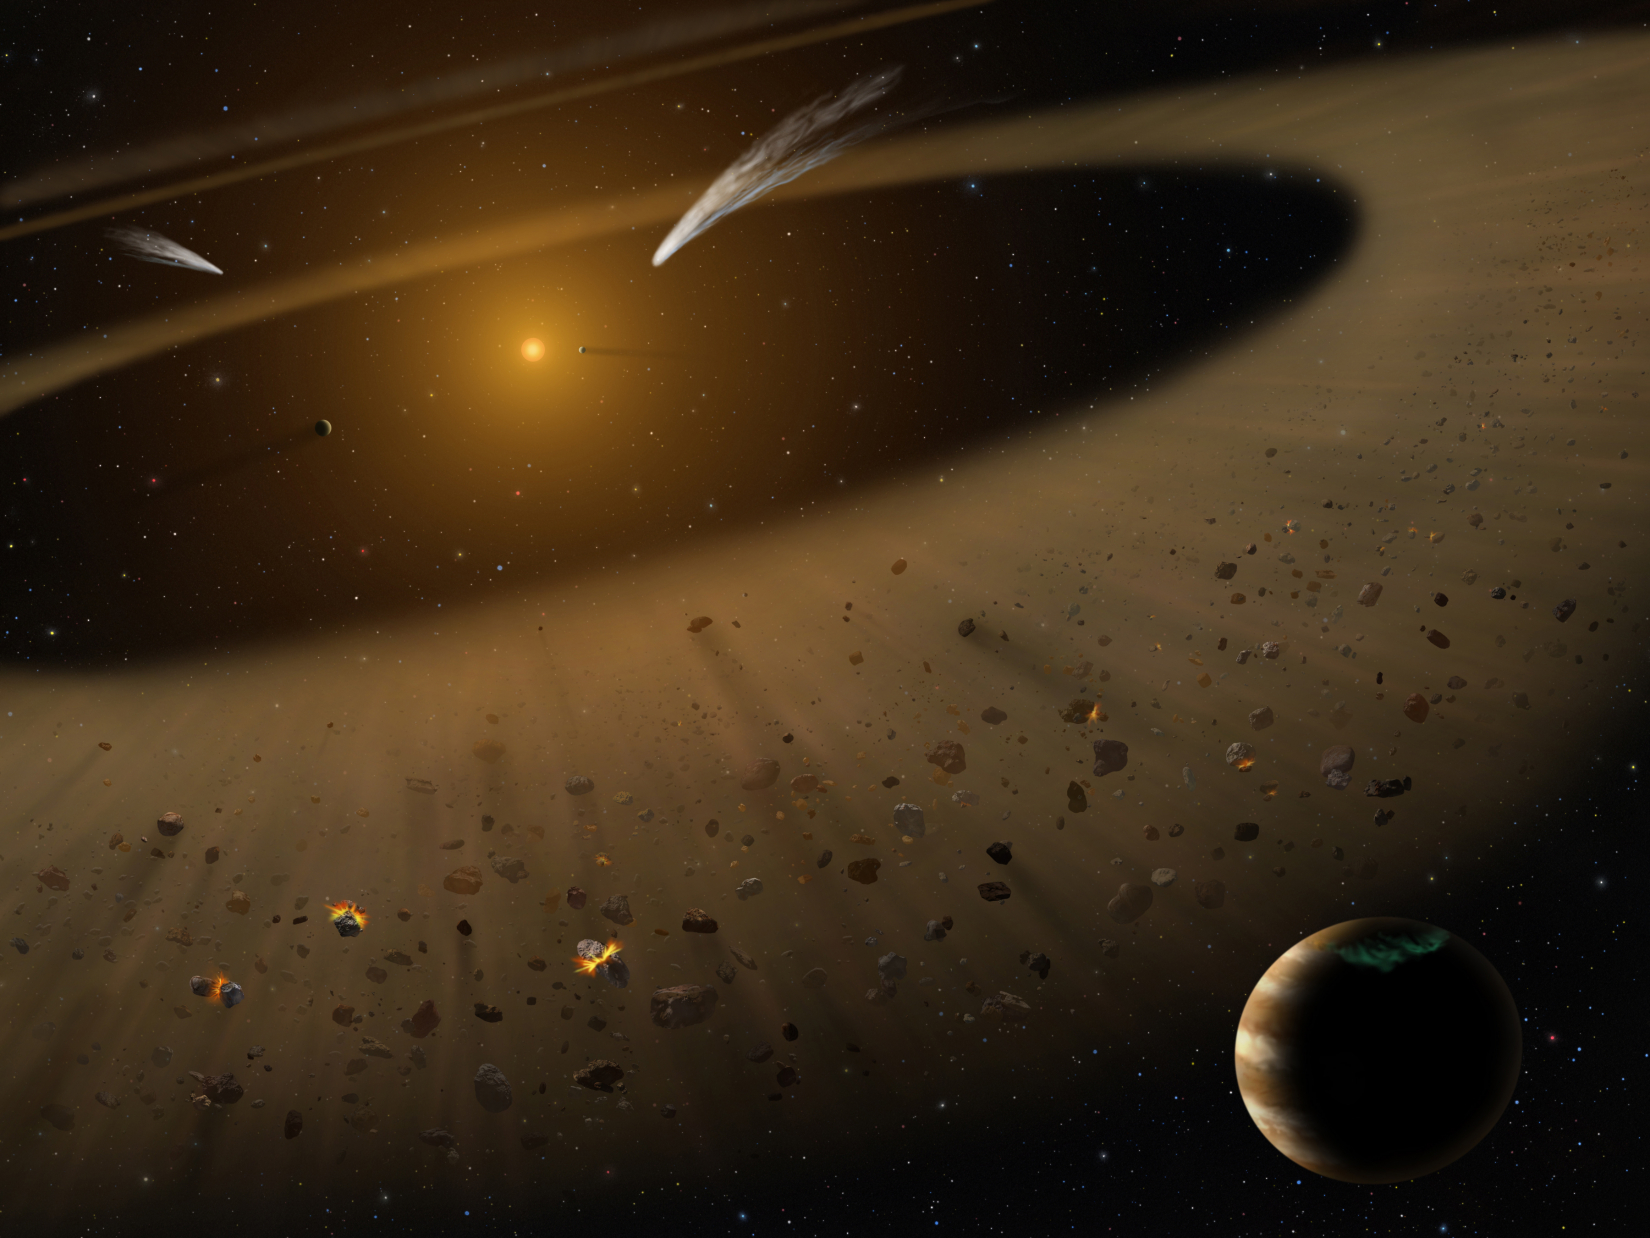 Artist's illustration of the Epsilon Eridani system